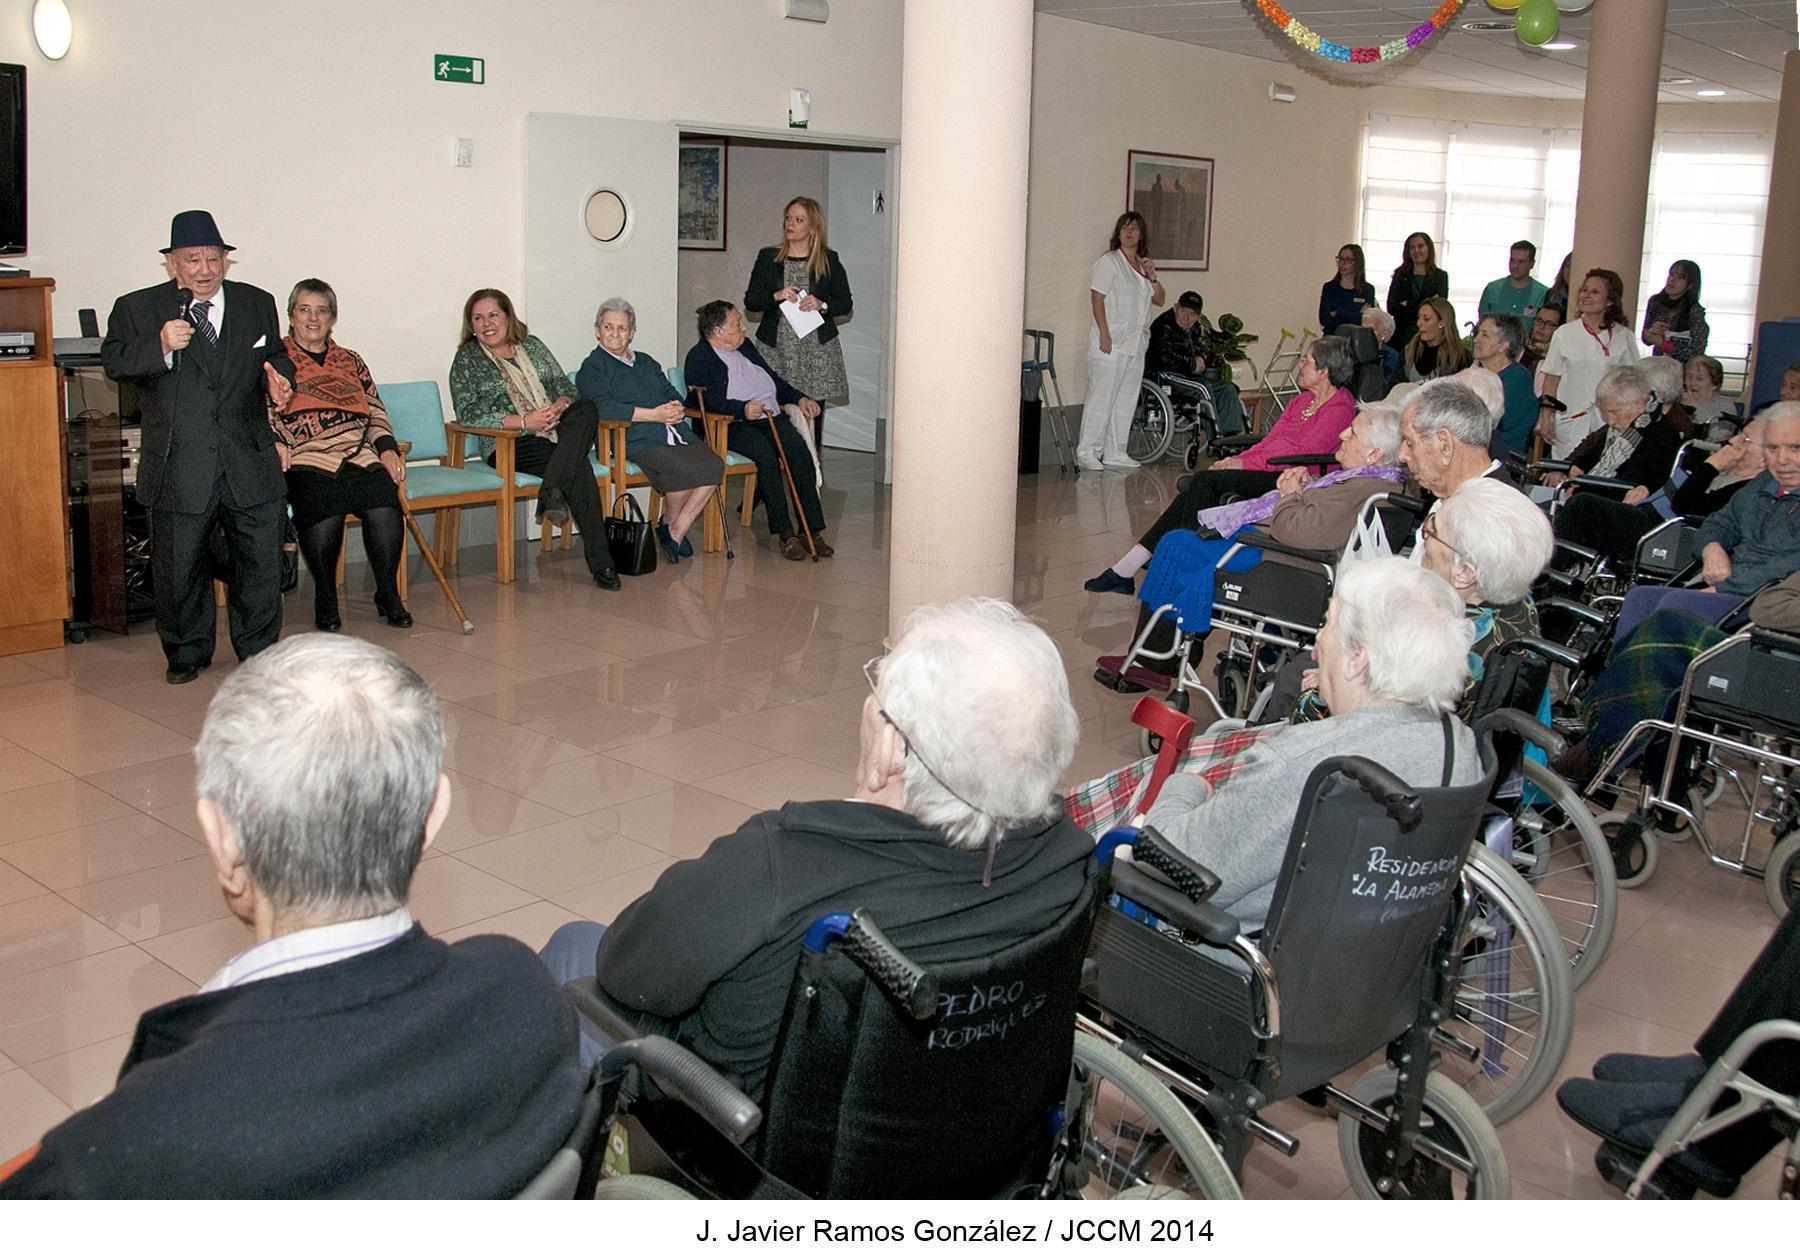 La residencia de mayores La Alameda, de Azuqueca de Henares, celebra su undécimo aniversario